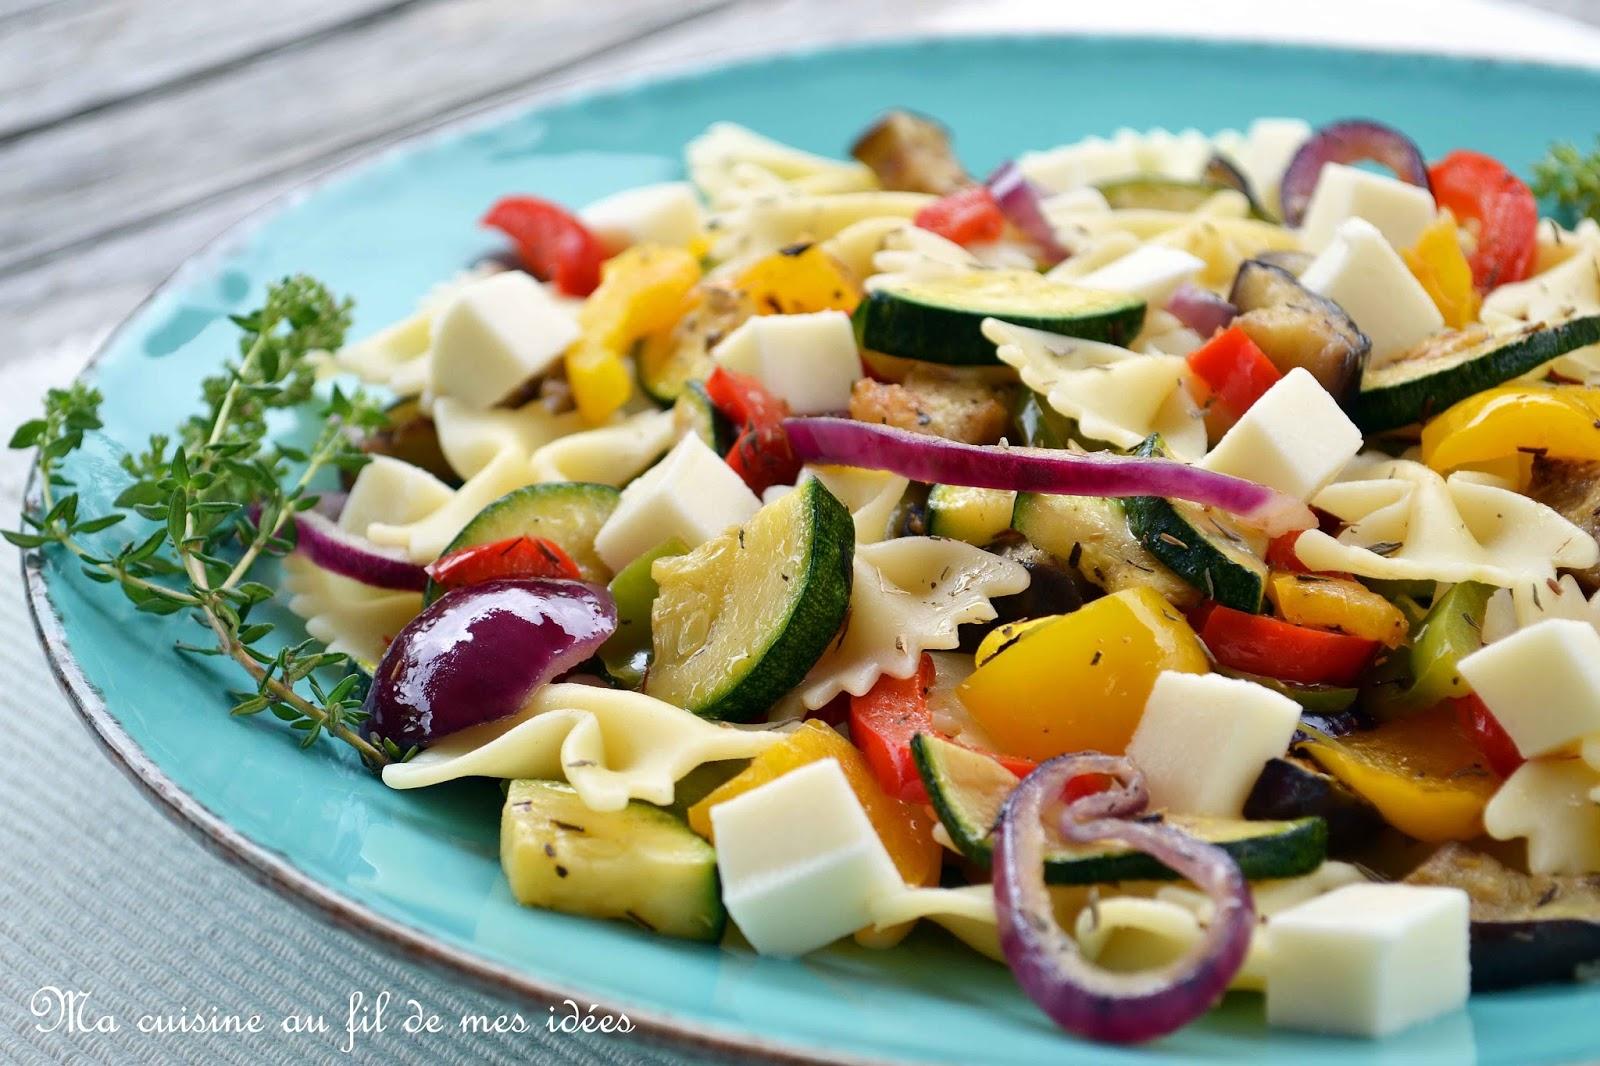 ma cuisine au fil de mes id 233 es salade de p 226 tes farfalle aux l 233 gumes grill 233 s thym et mozzarella